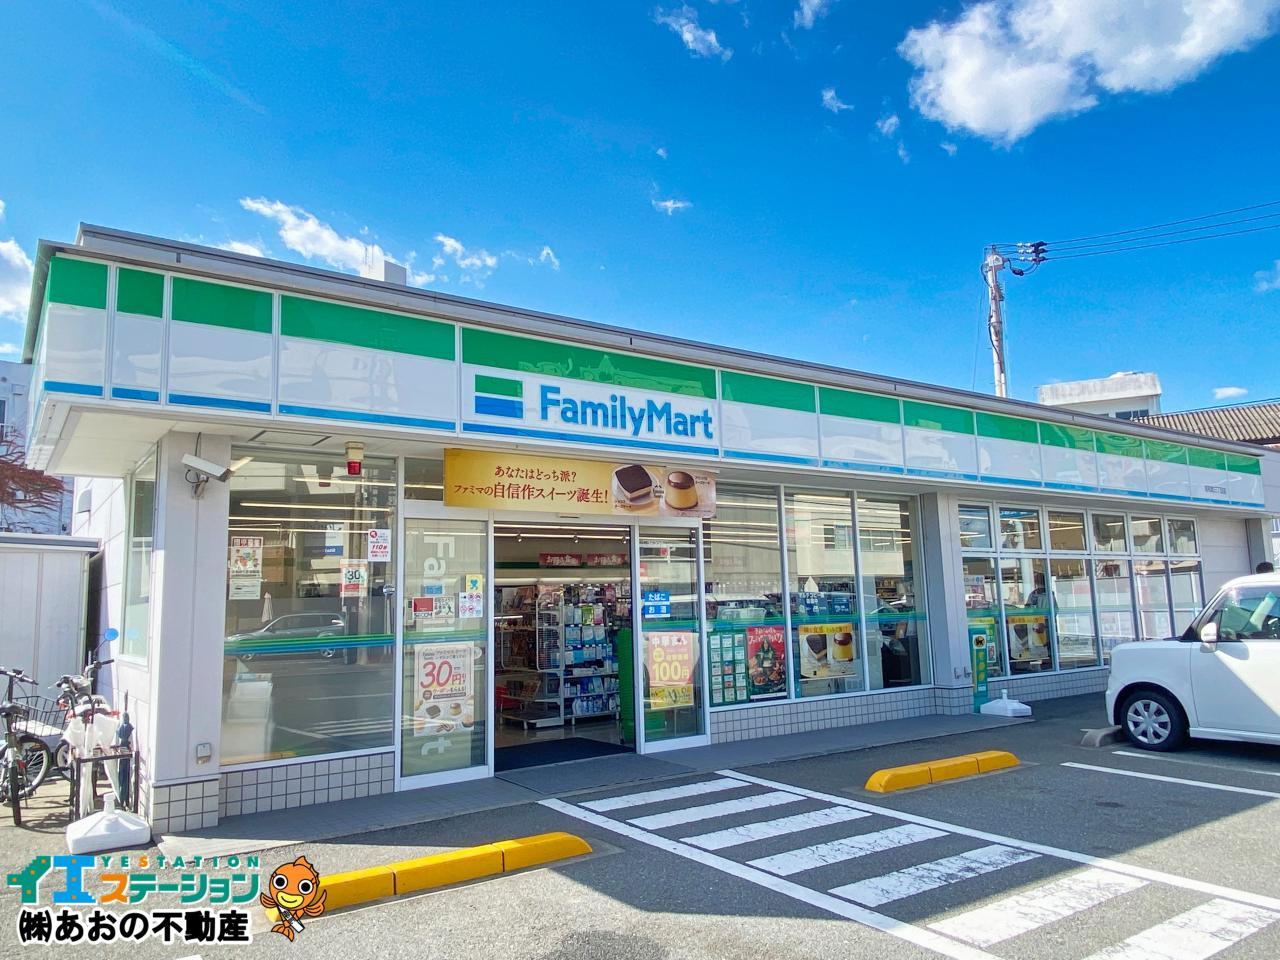 ファミリーマート 昭和町三丁目店